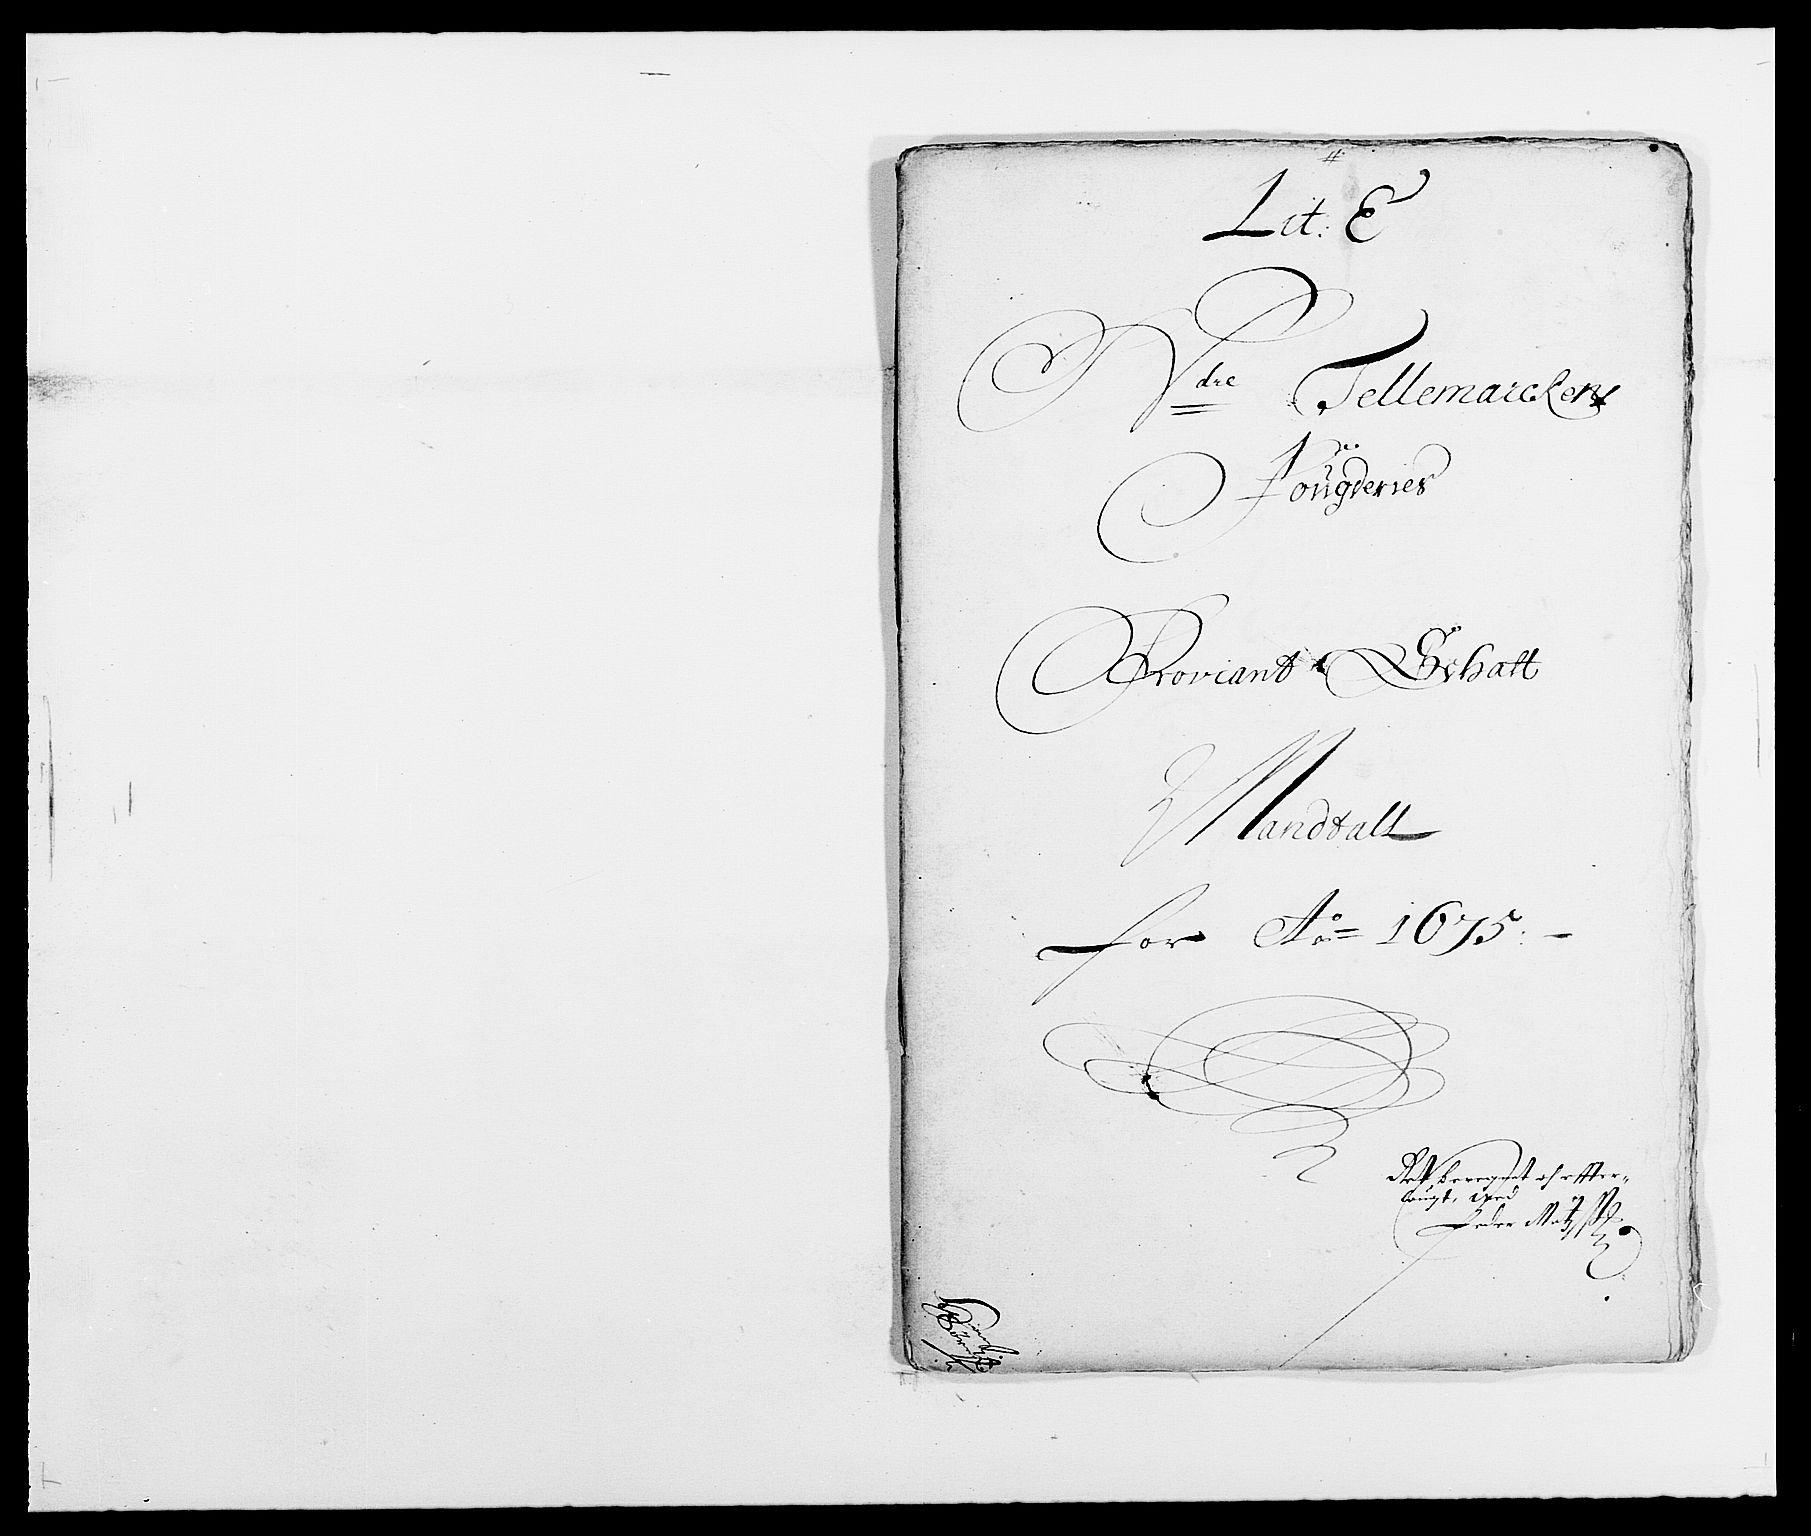 RA, Rentekammeret inntil 1814, Reviderte regnskaper, Fogderegnskap, R35/L2063: Fogderegnskap Øvre og Nedre Telemark, 1675, s. 110